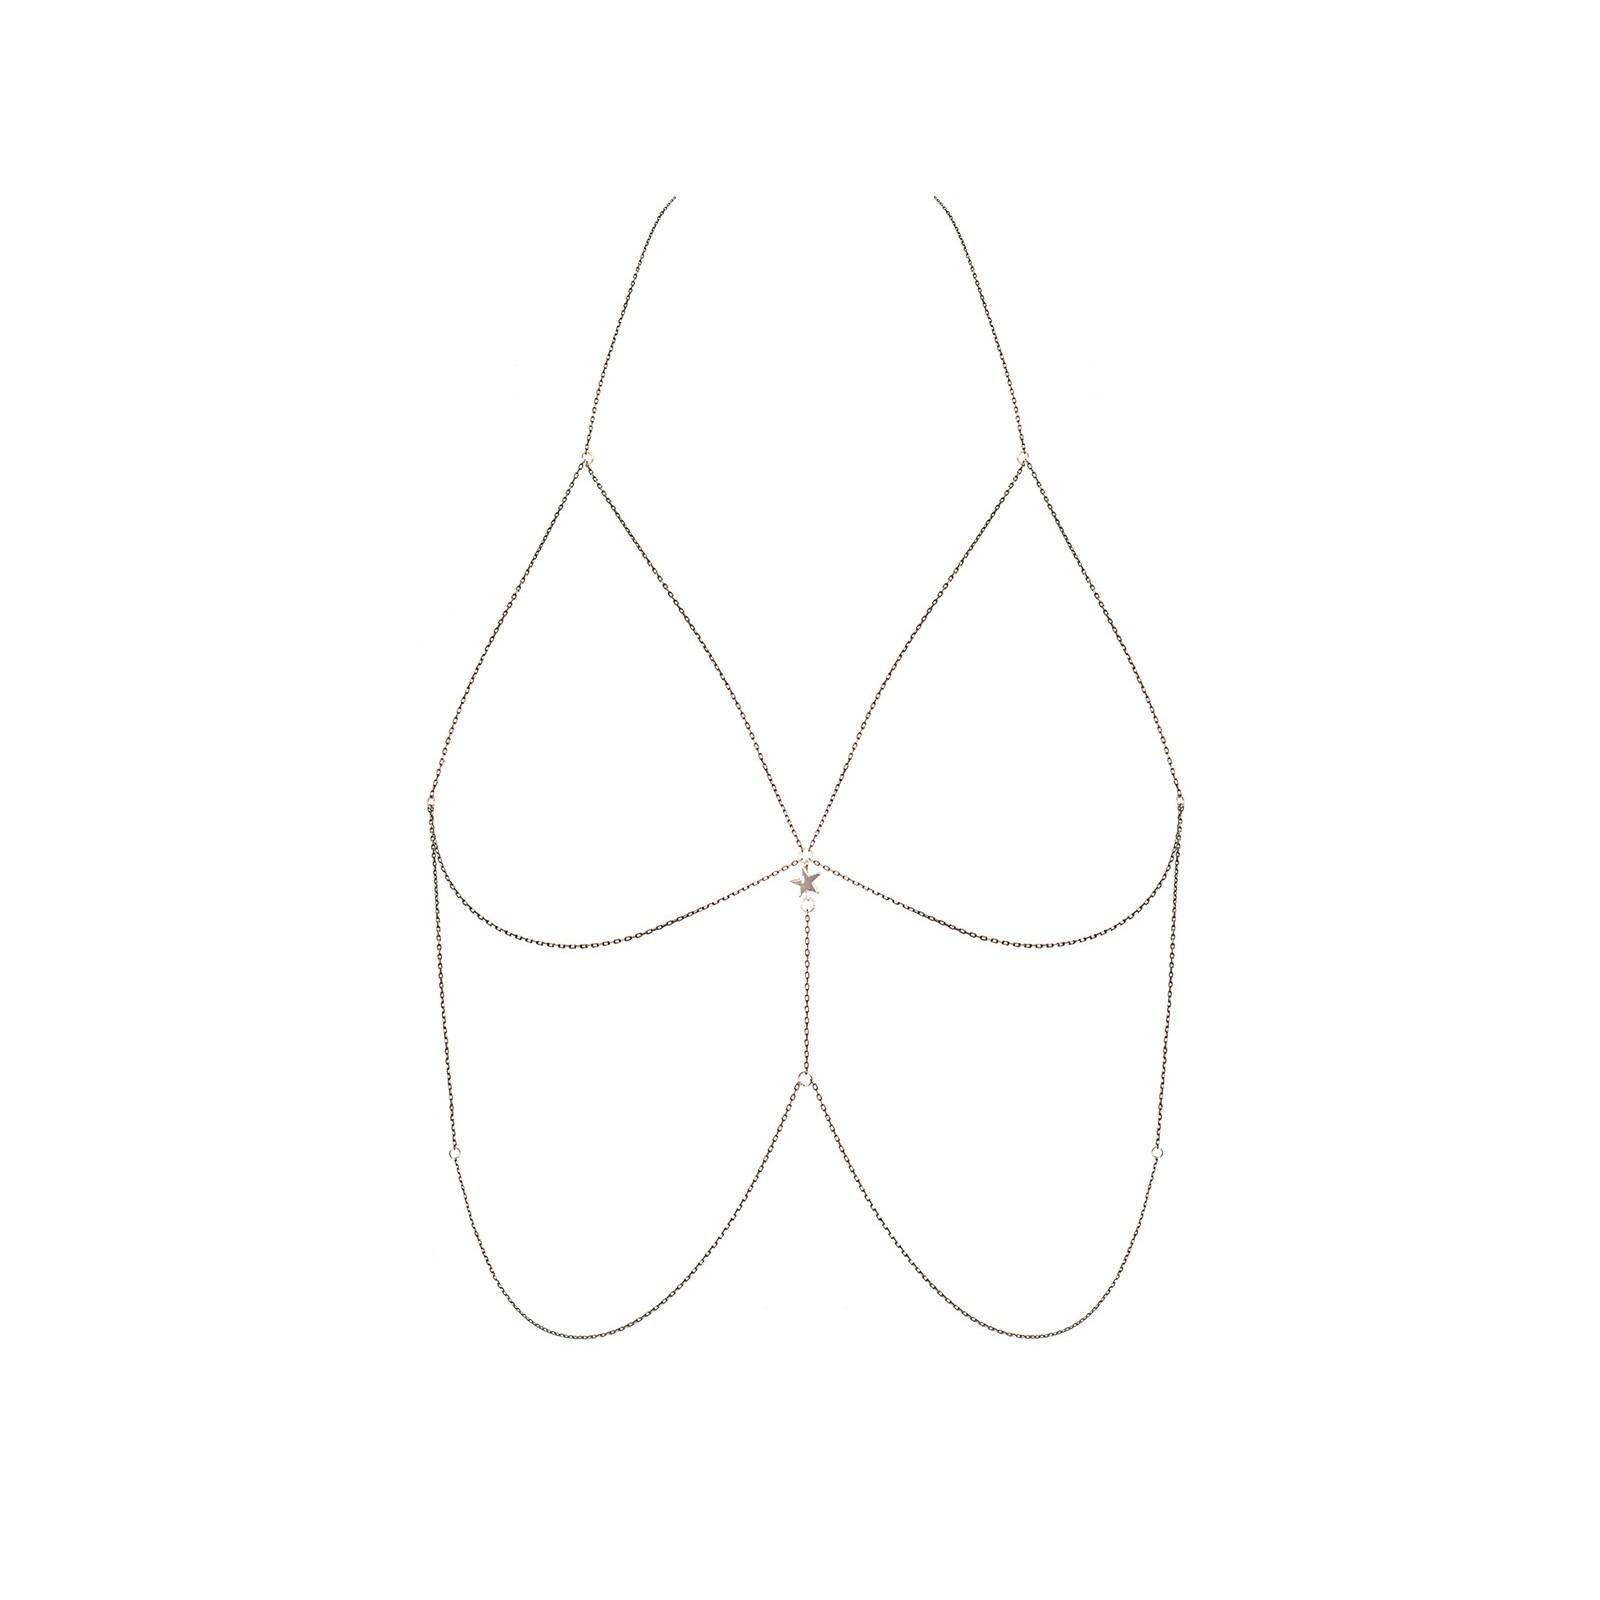 Halskette Bijou 902 - 5 - Vorschaubild